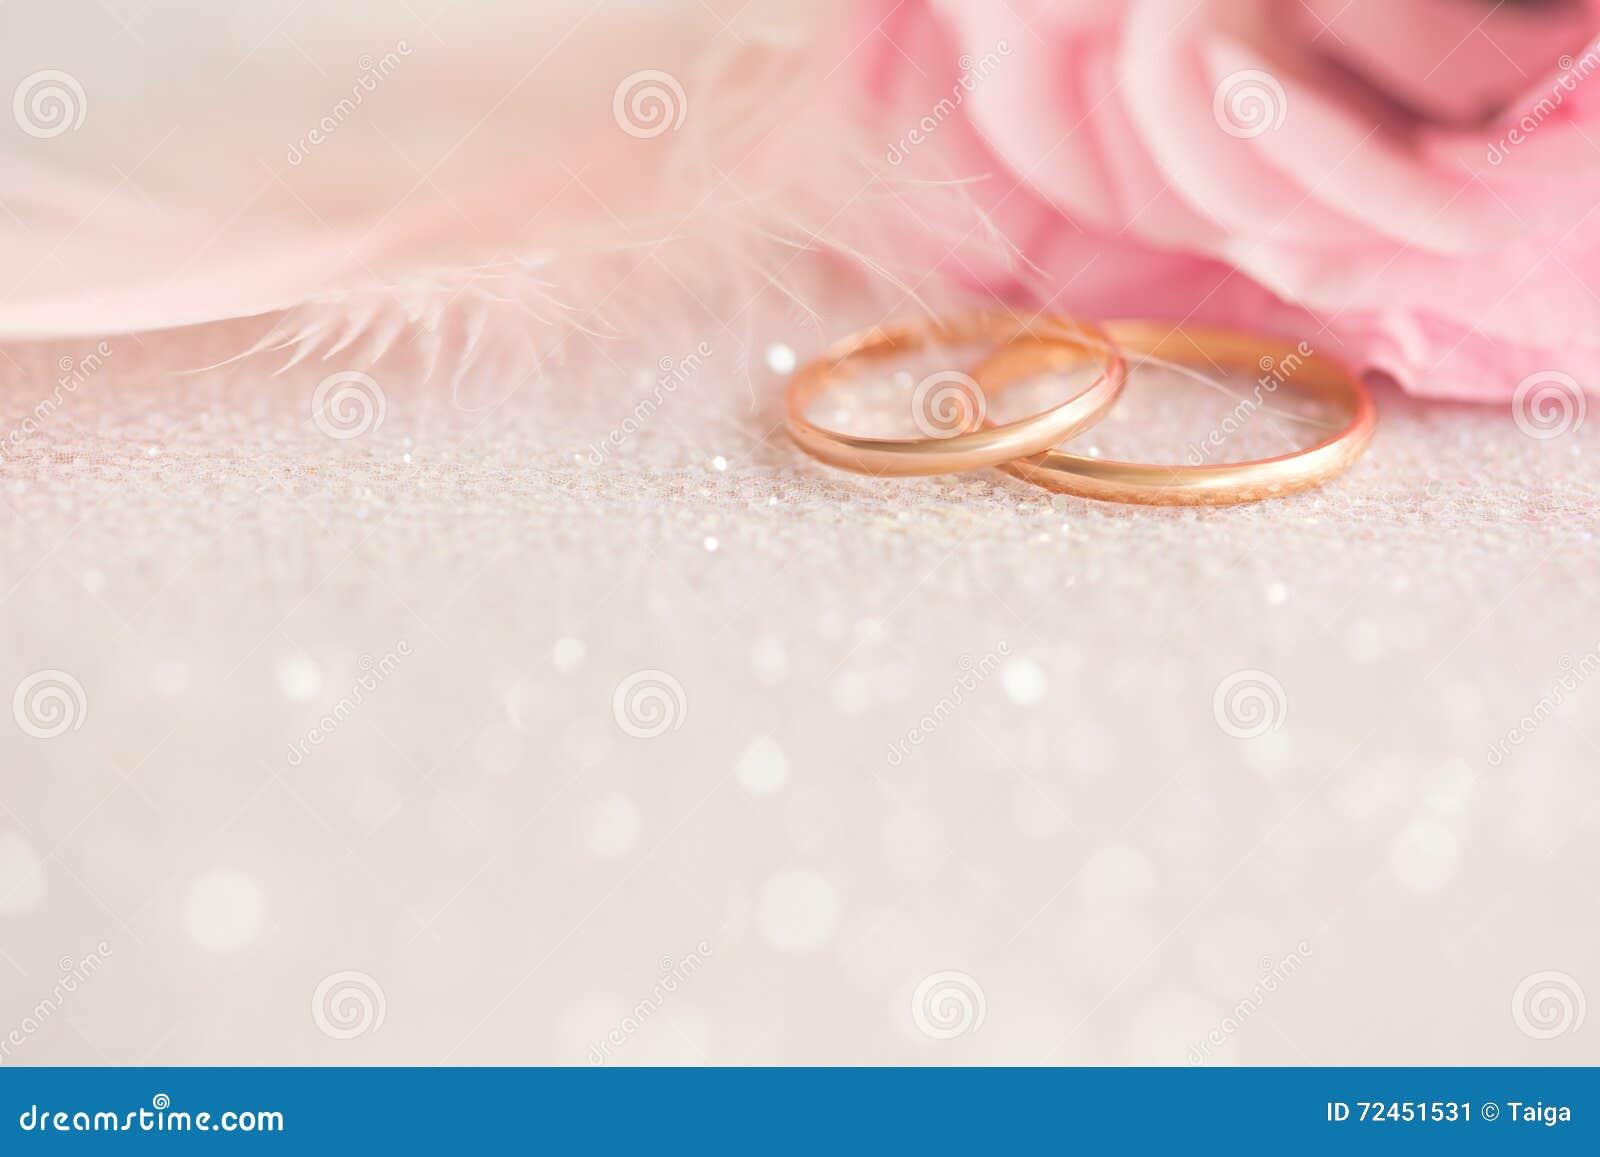 wedding background stock photography - photo #16